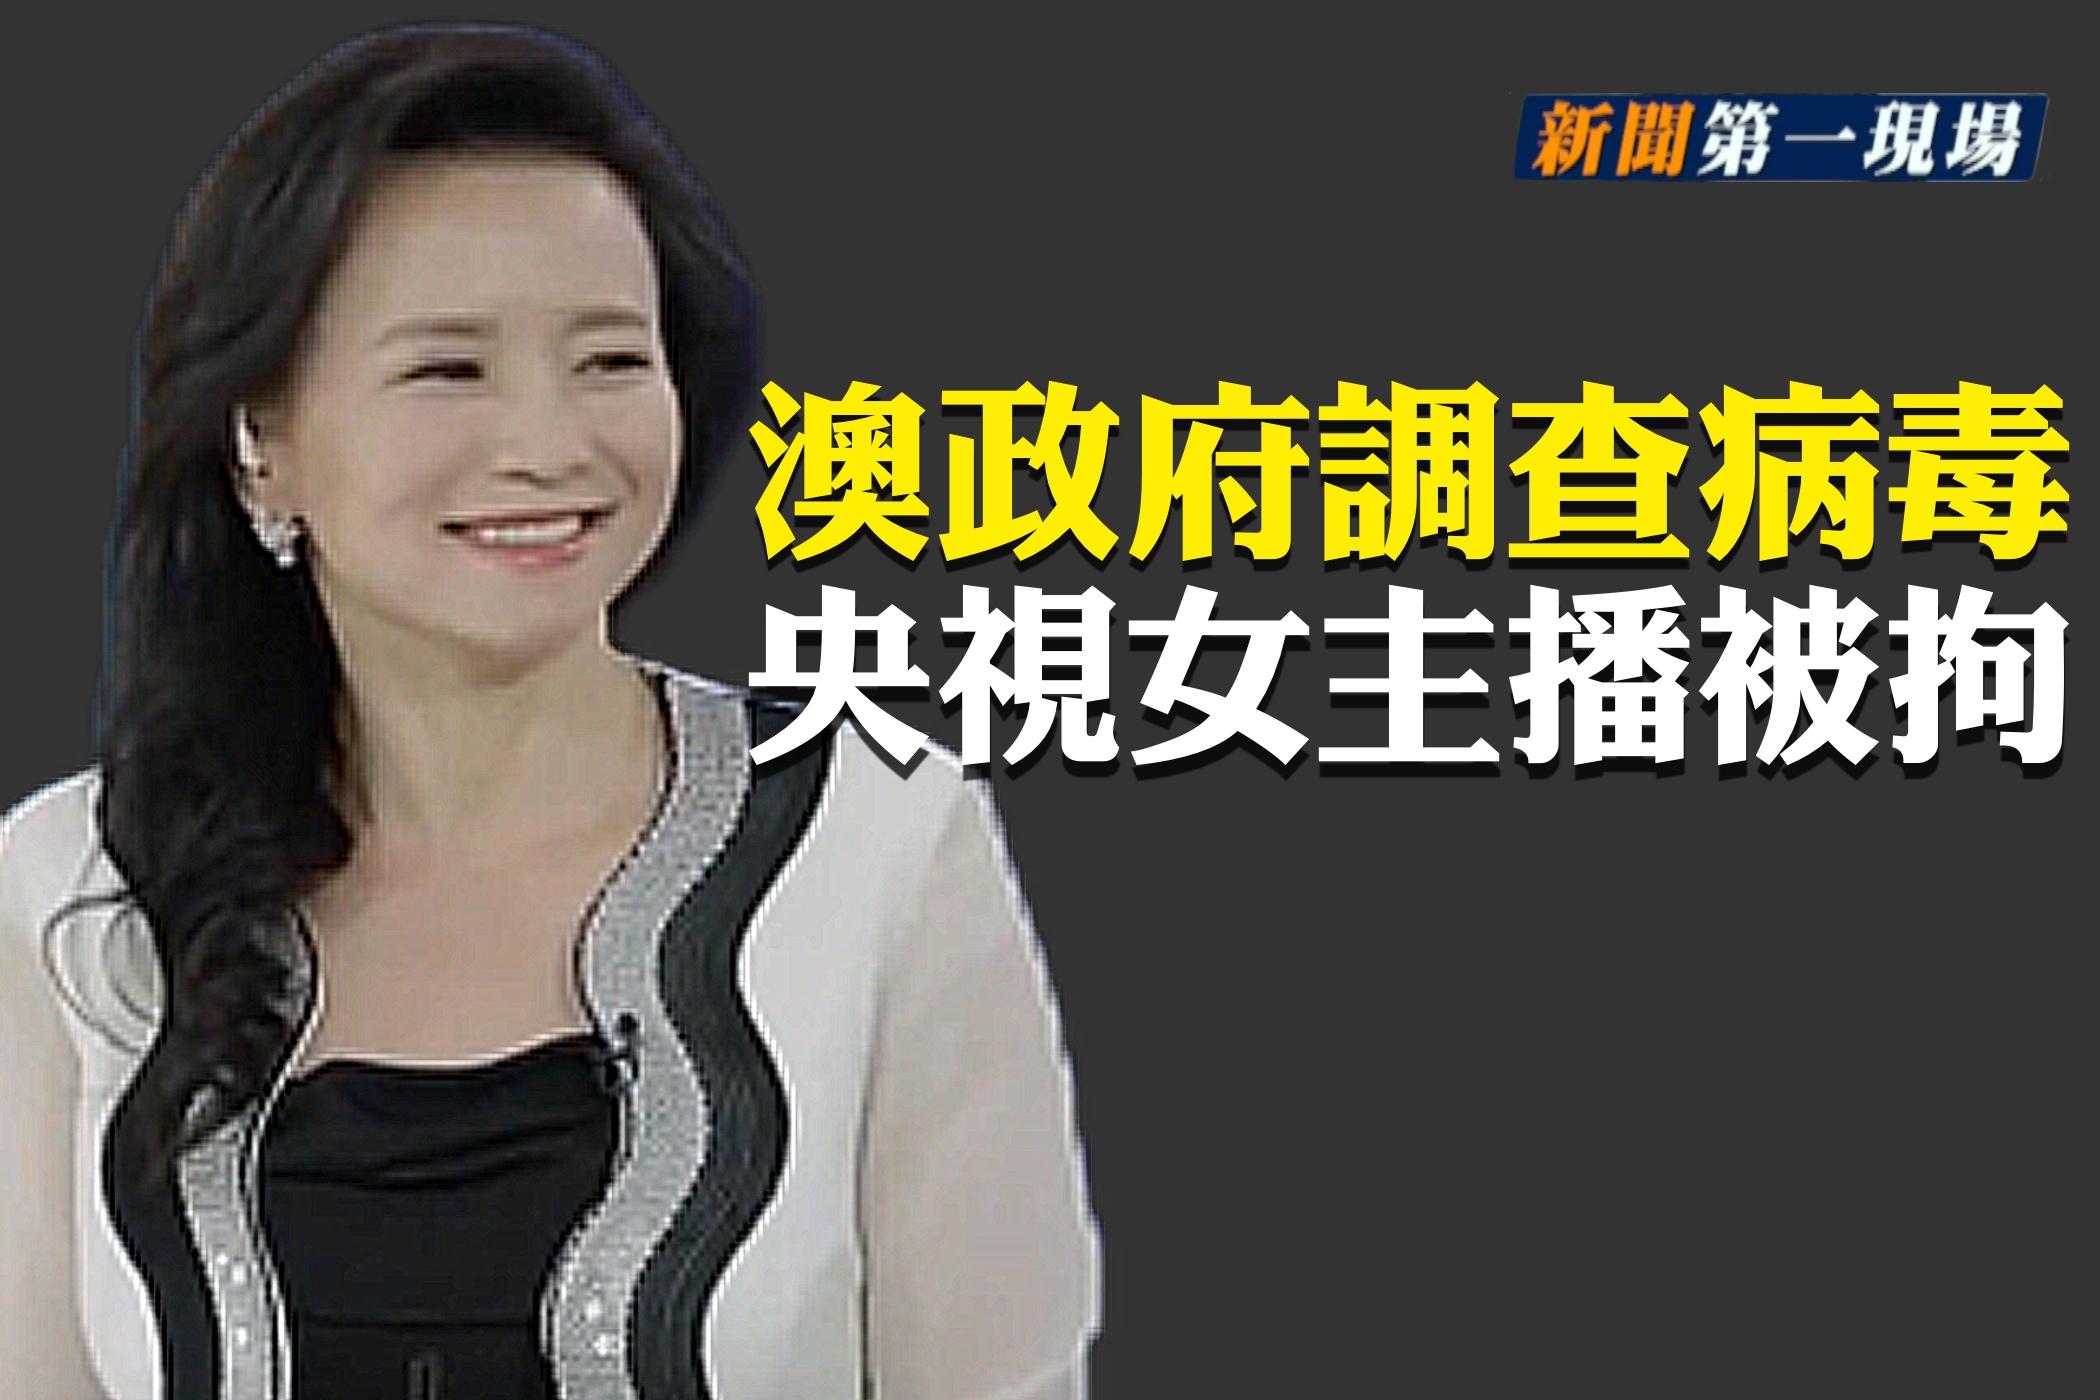 【新聞第一現場】澳籍央視女主播被中共拘留